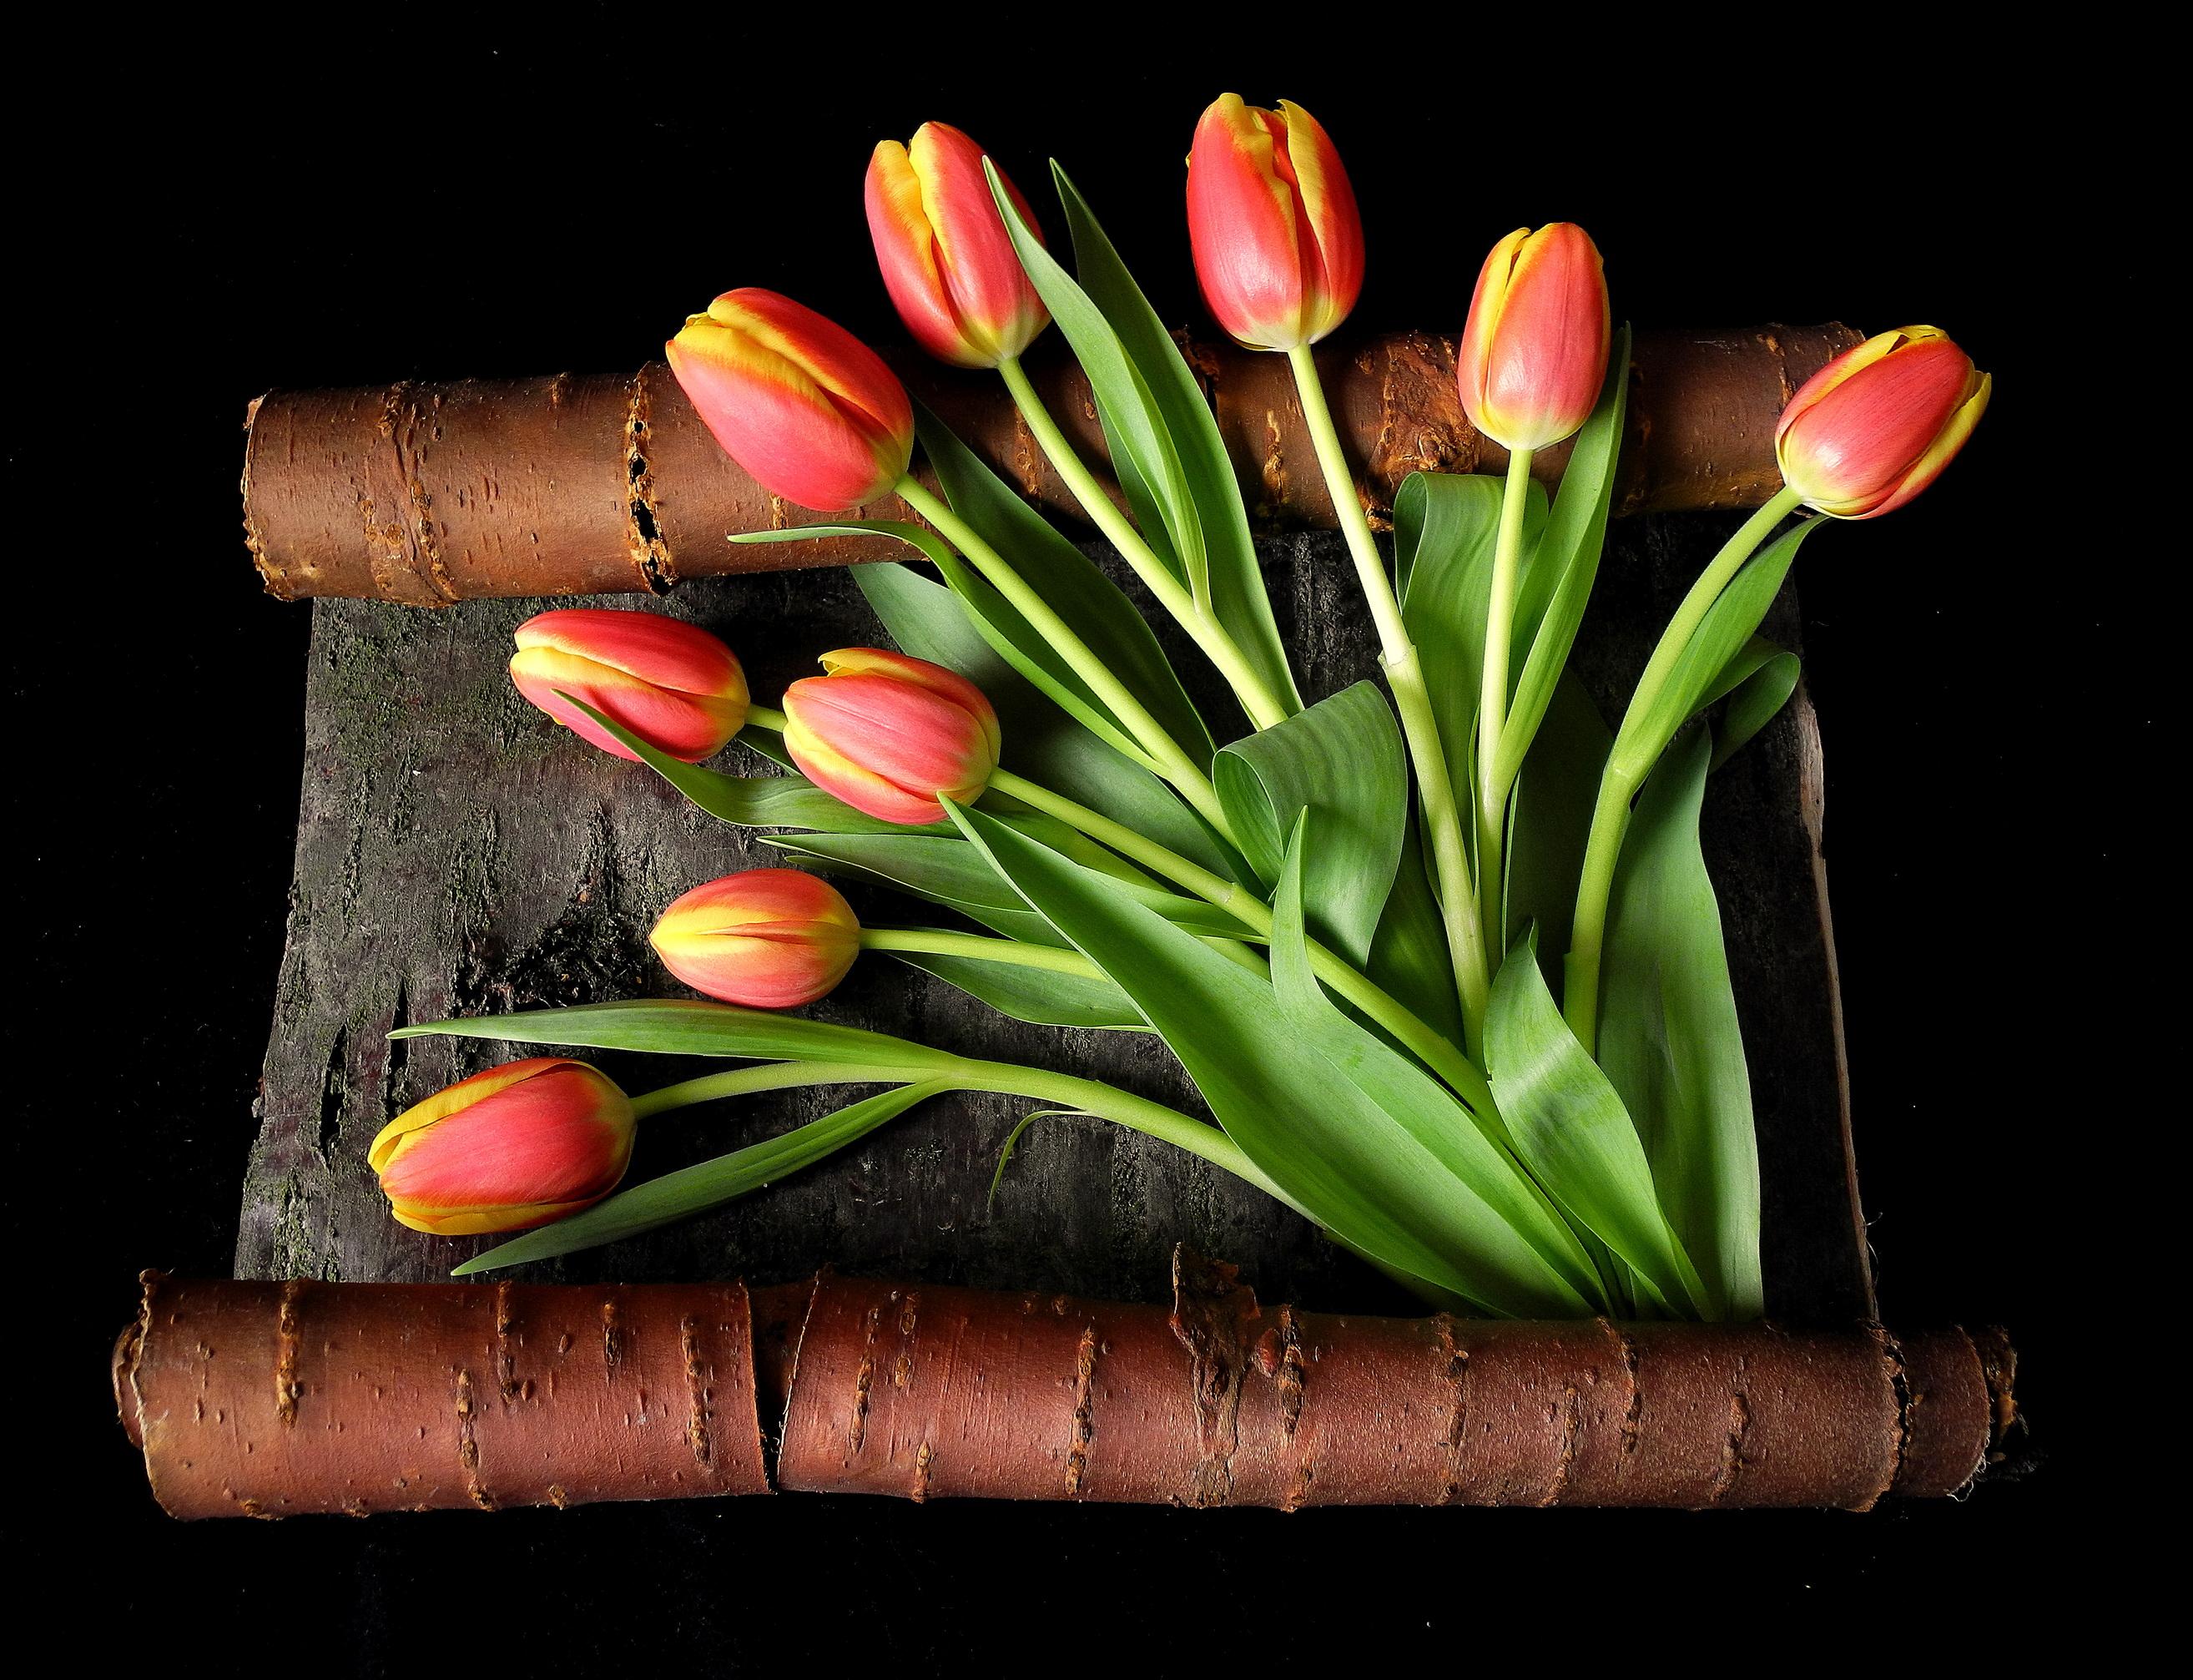 букет,тюльпаны,листья  № 415704 без смс